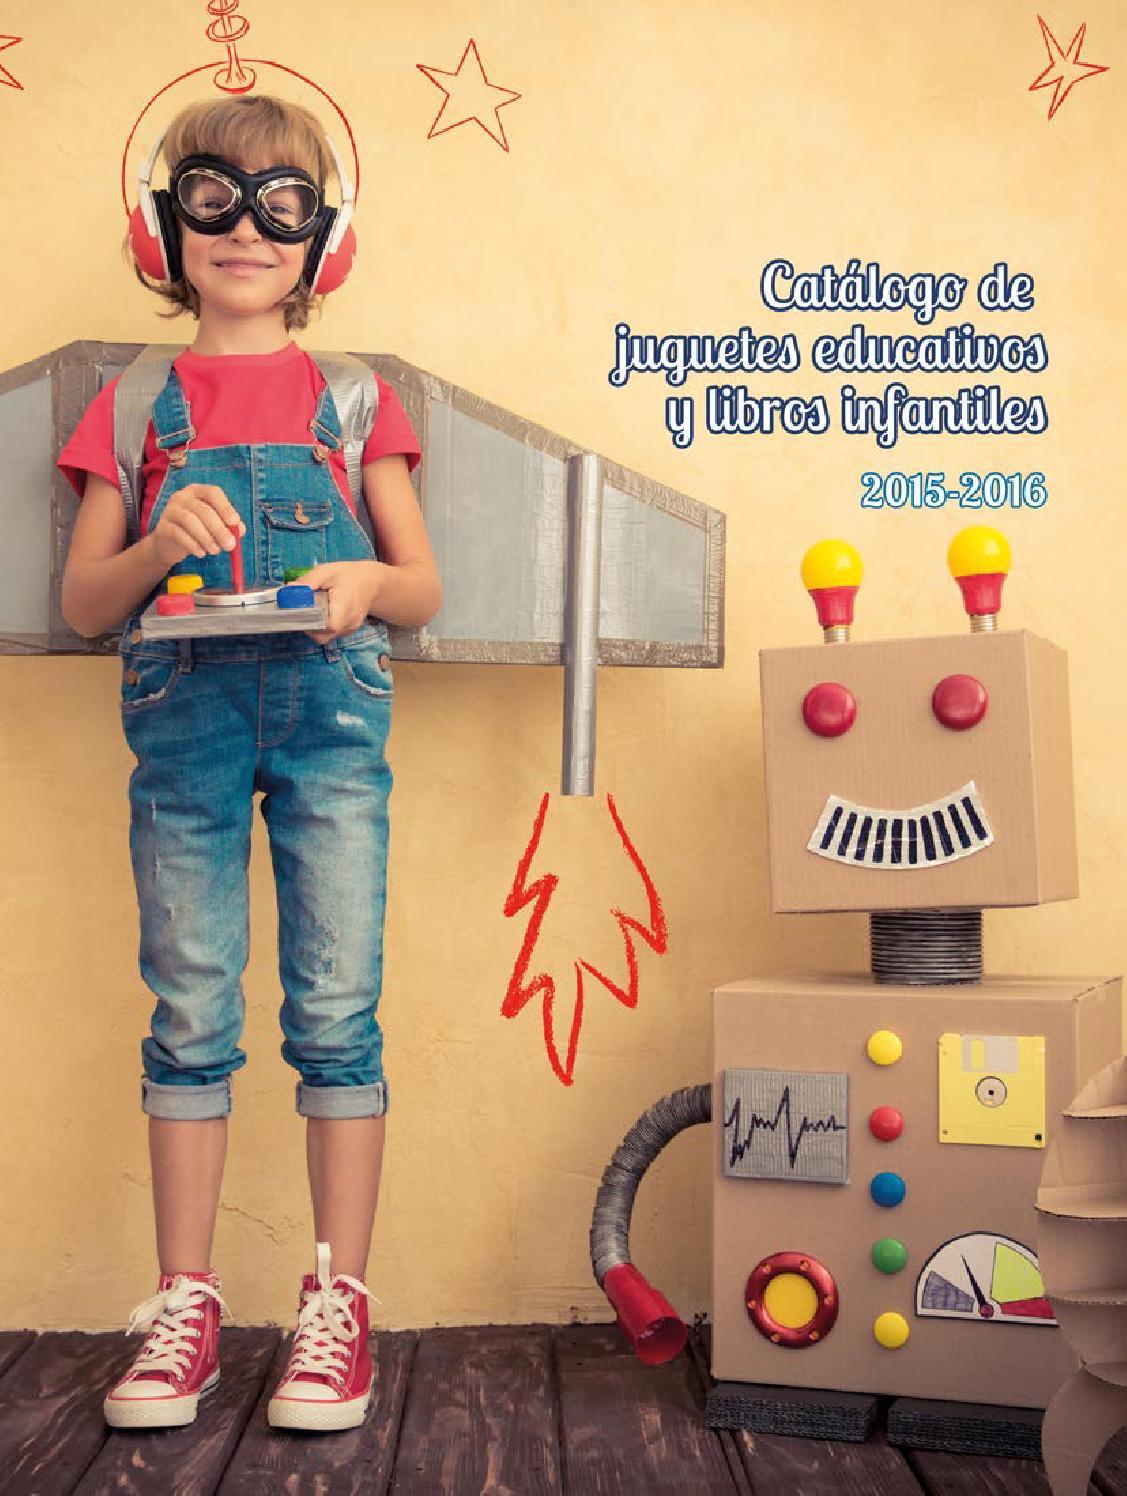 Catálogo de juguetes educativos y libros infantiles 2015 16 by ...